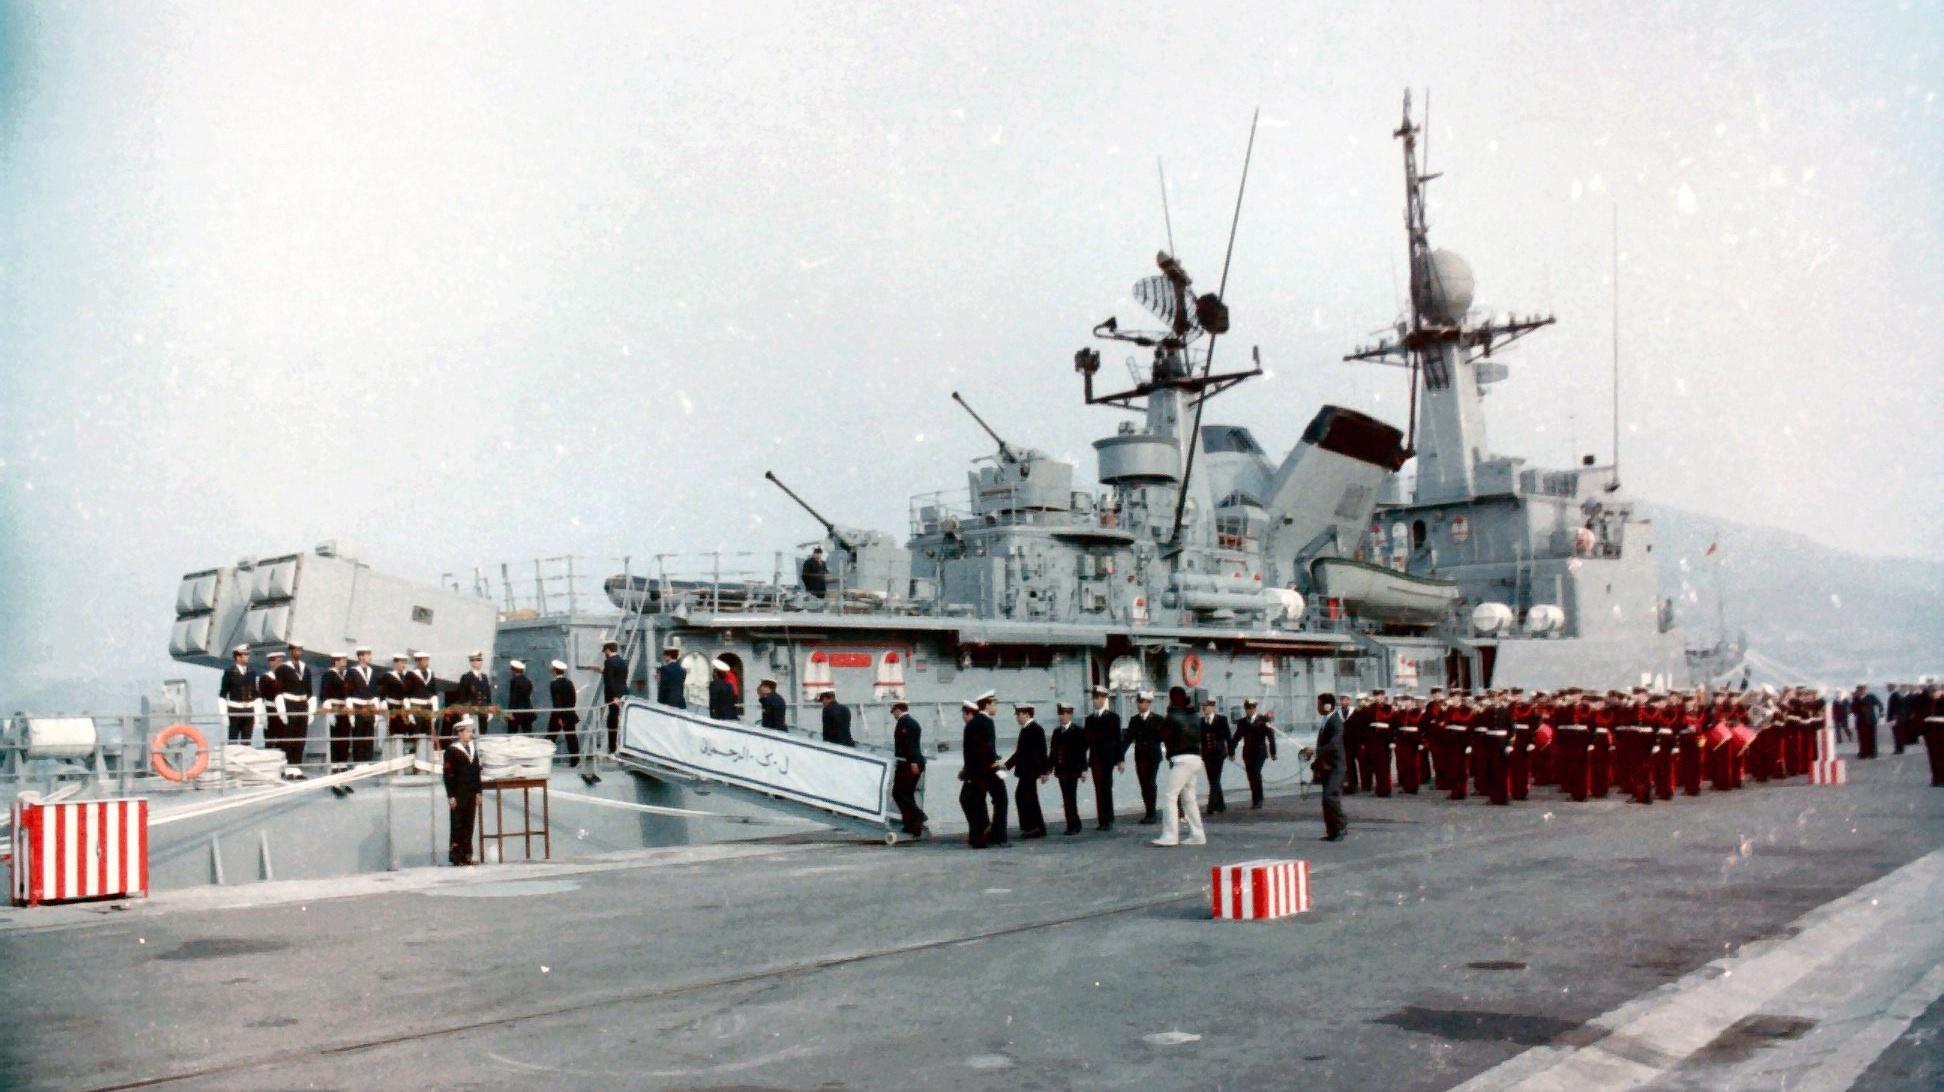 Royal Moroccan Navy Descubierta Frigate / Corvette Lt Cl Errahmani - Bâtiment École - Page 4 Clipb526